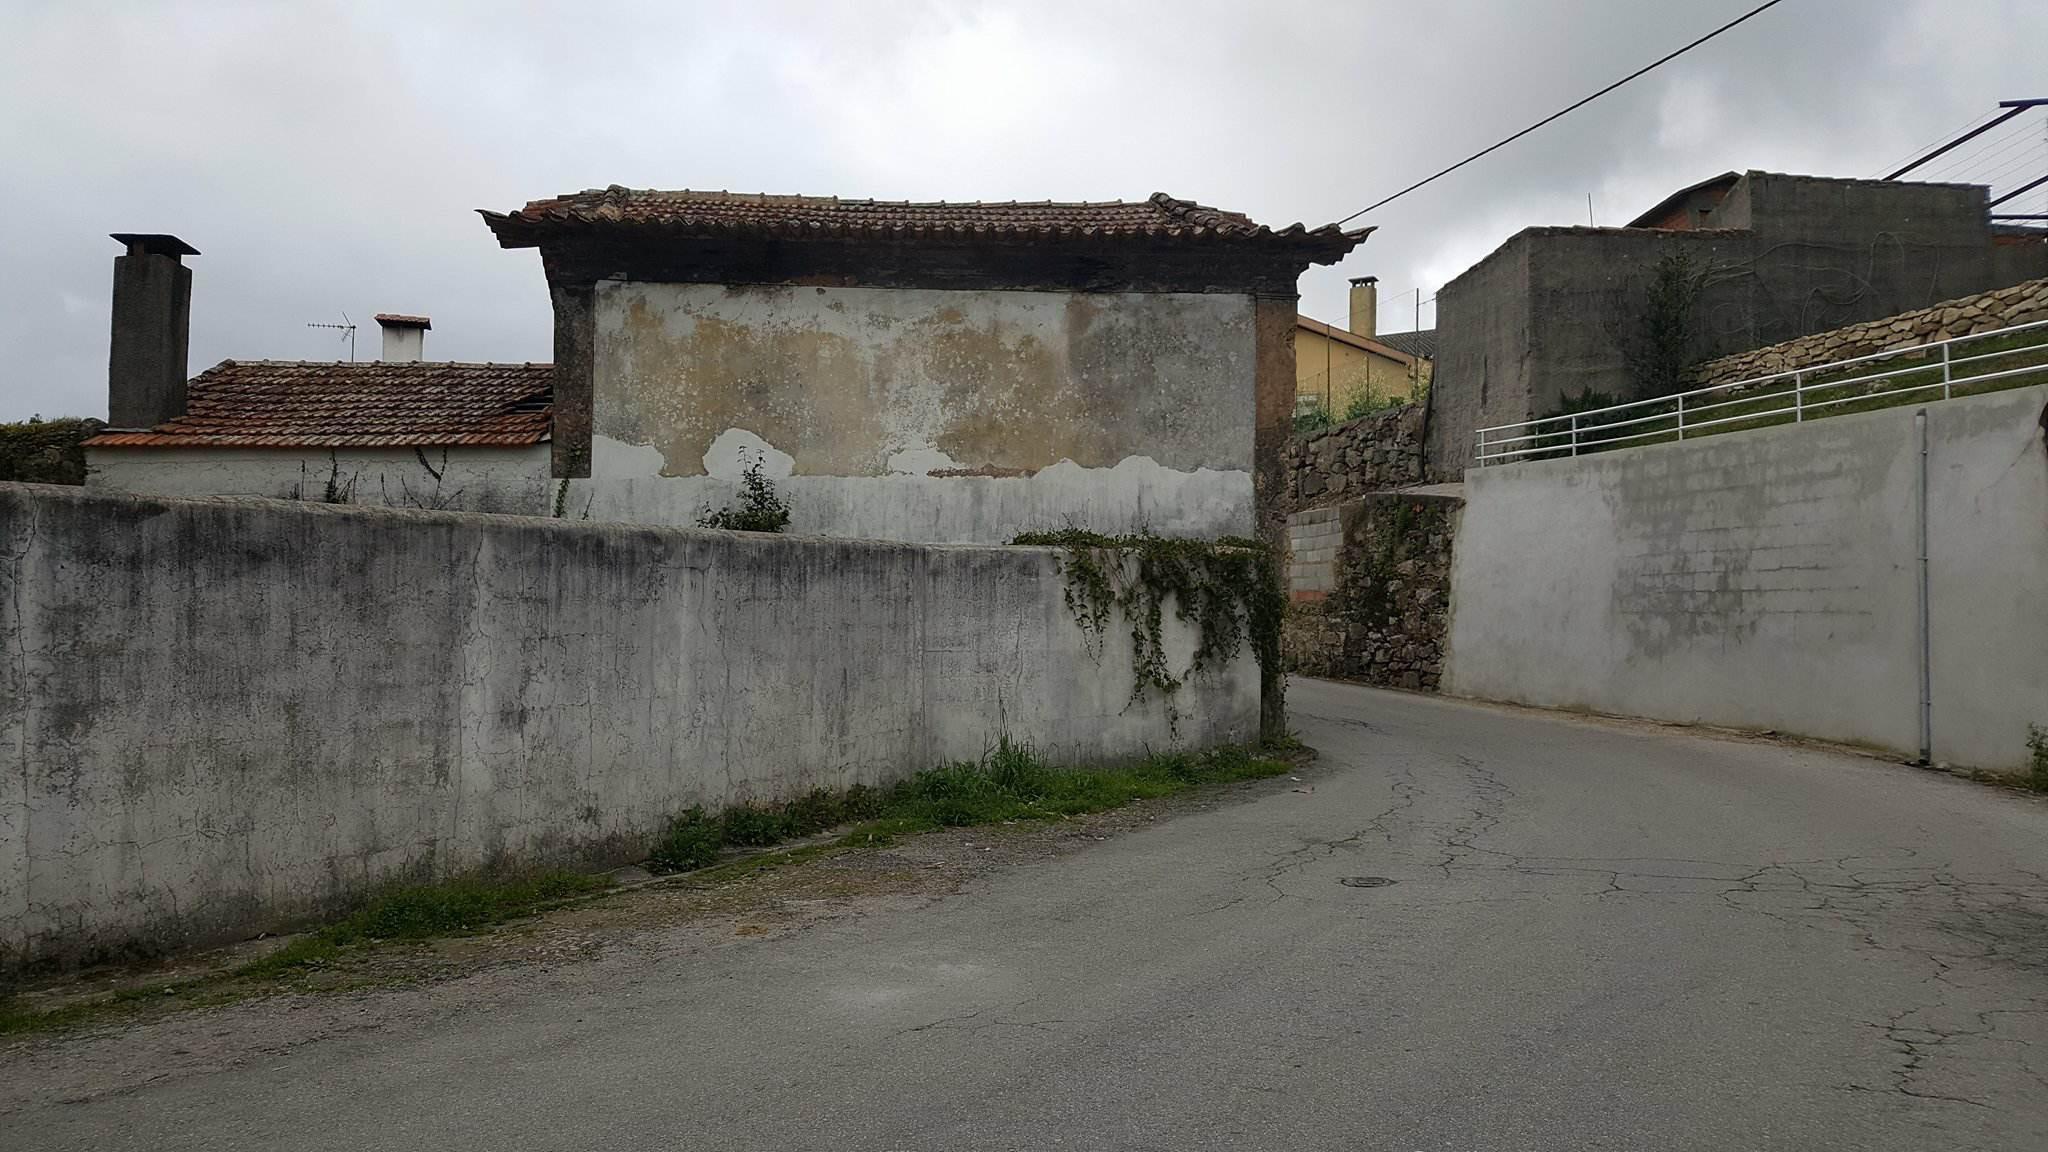 Rua do Rei, no lugar de Figueiredo, Pinheiro da Bemposta